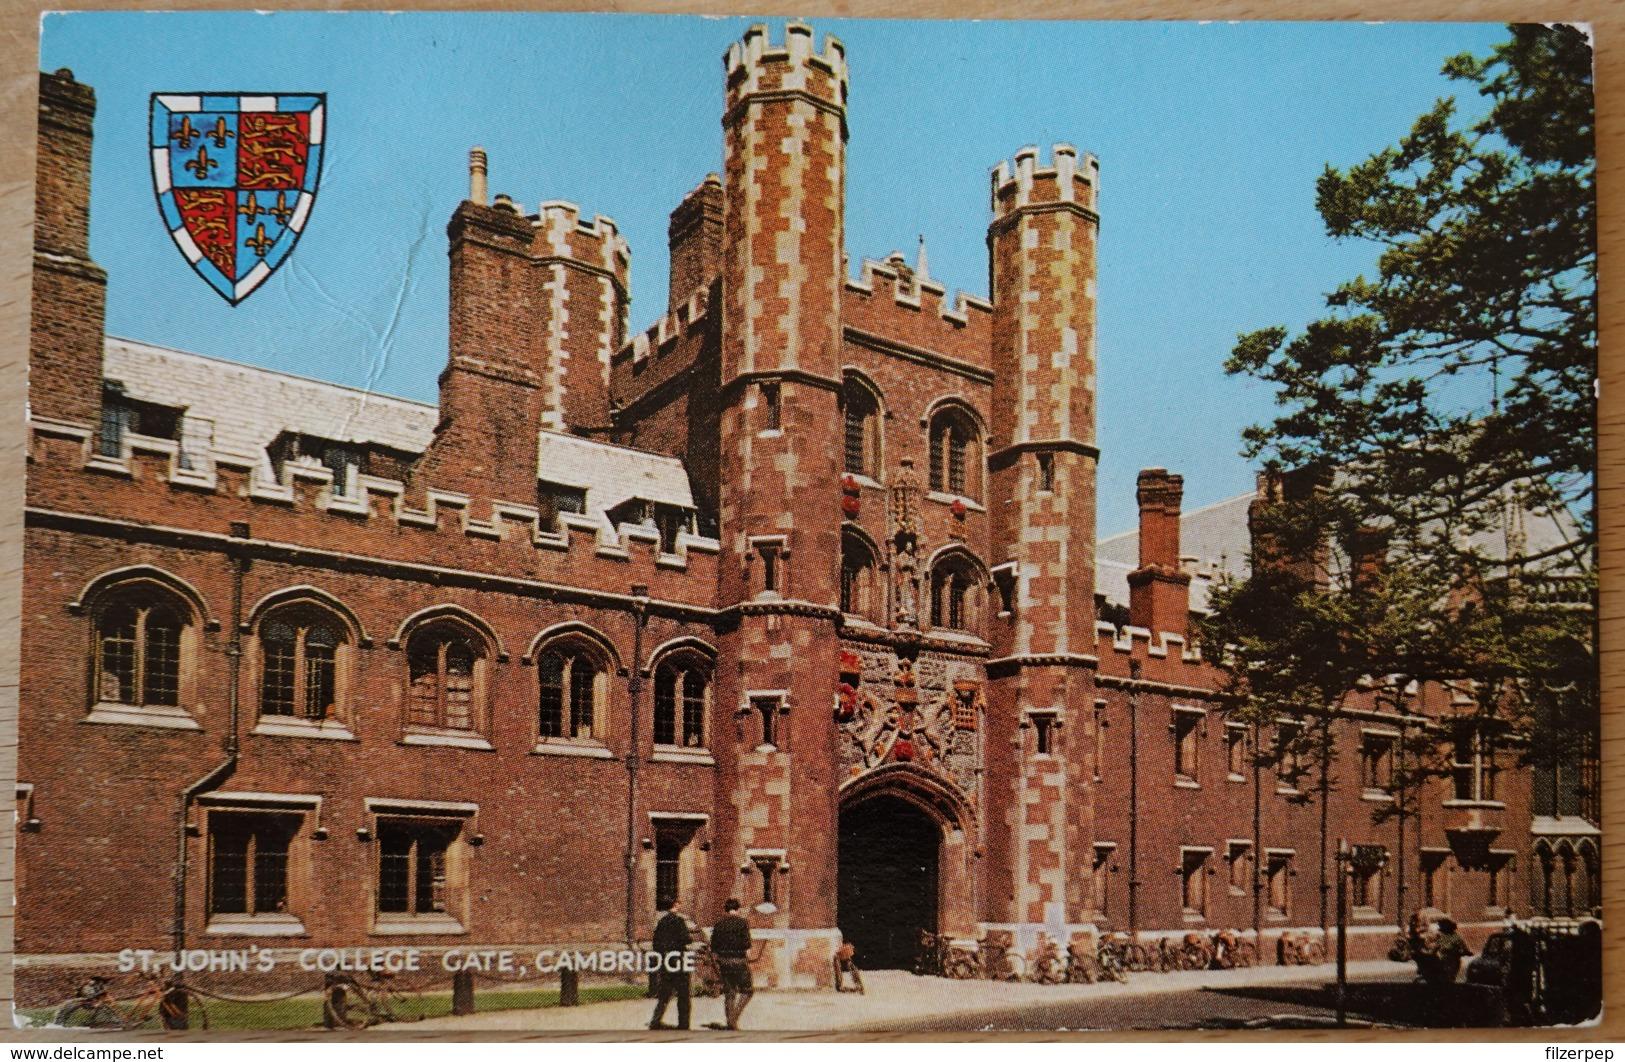 St. John's College Gate Cambridge - Ver. Königreich